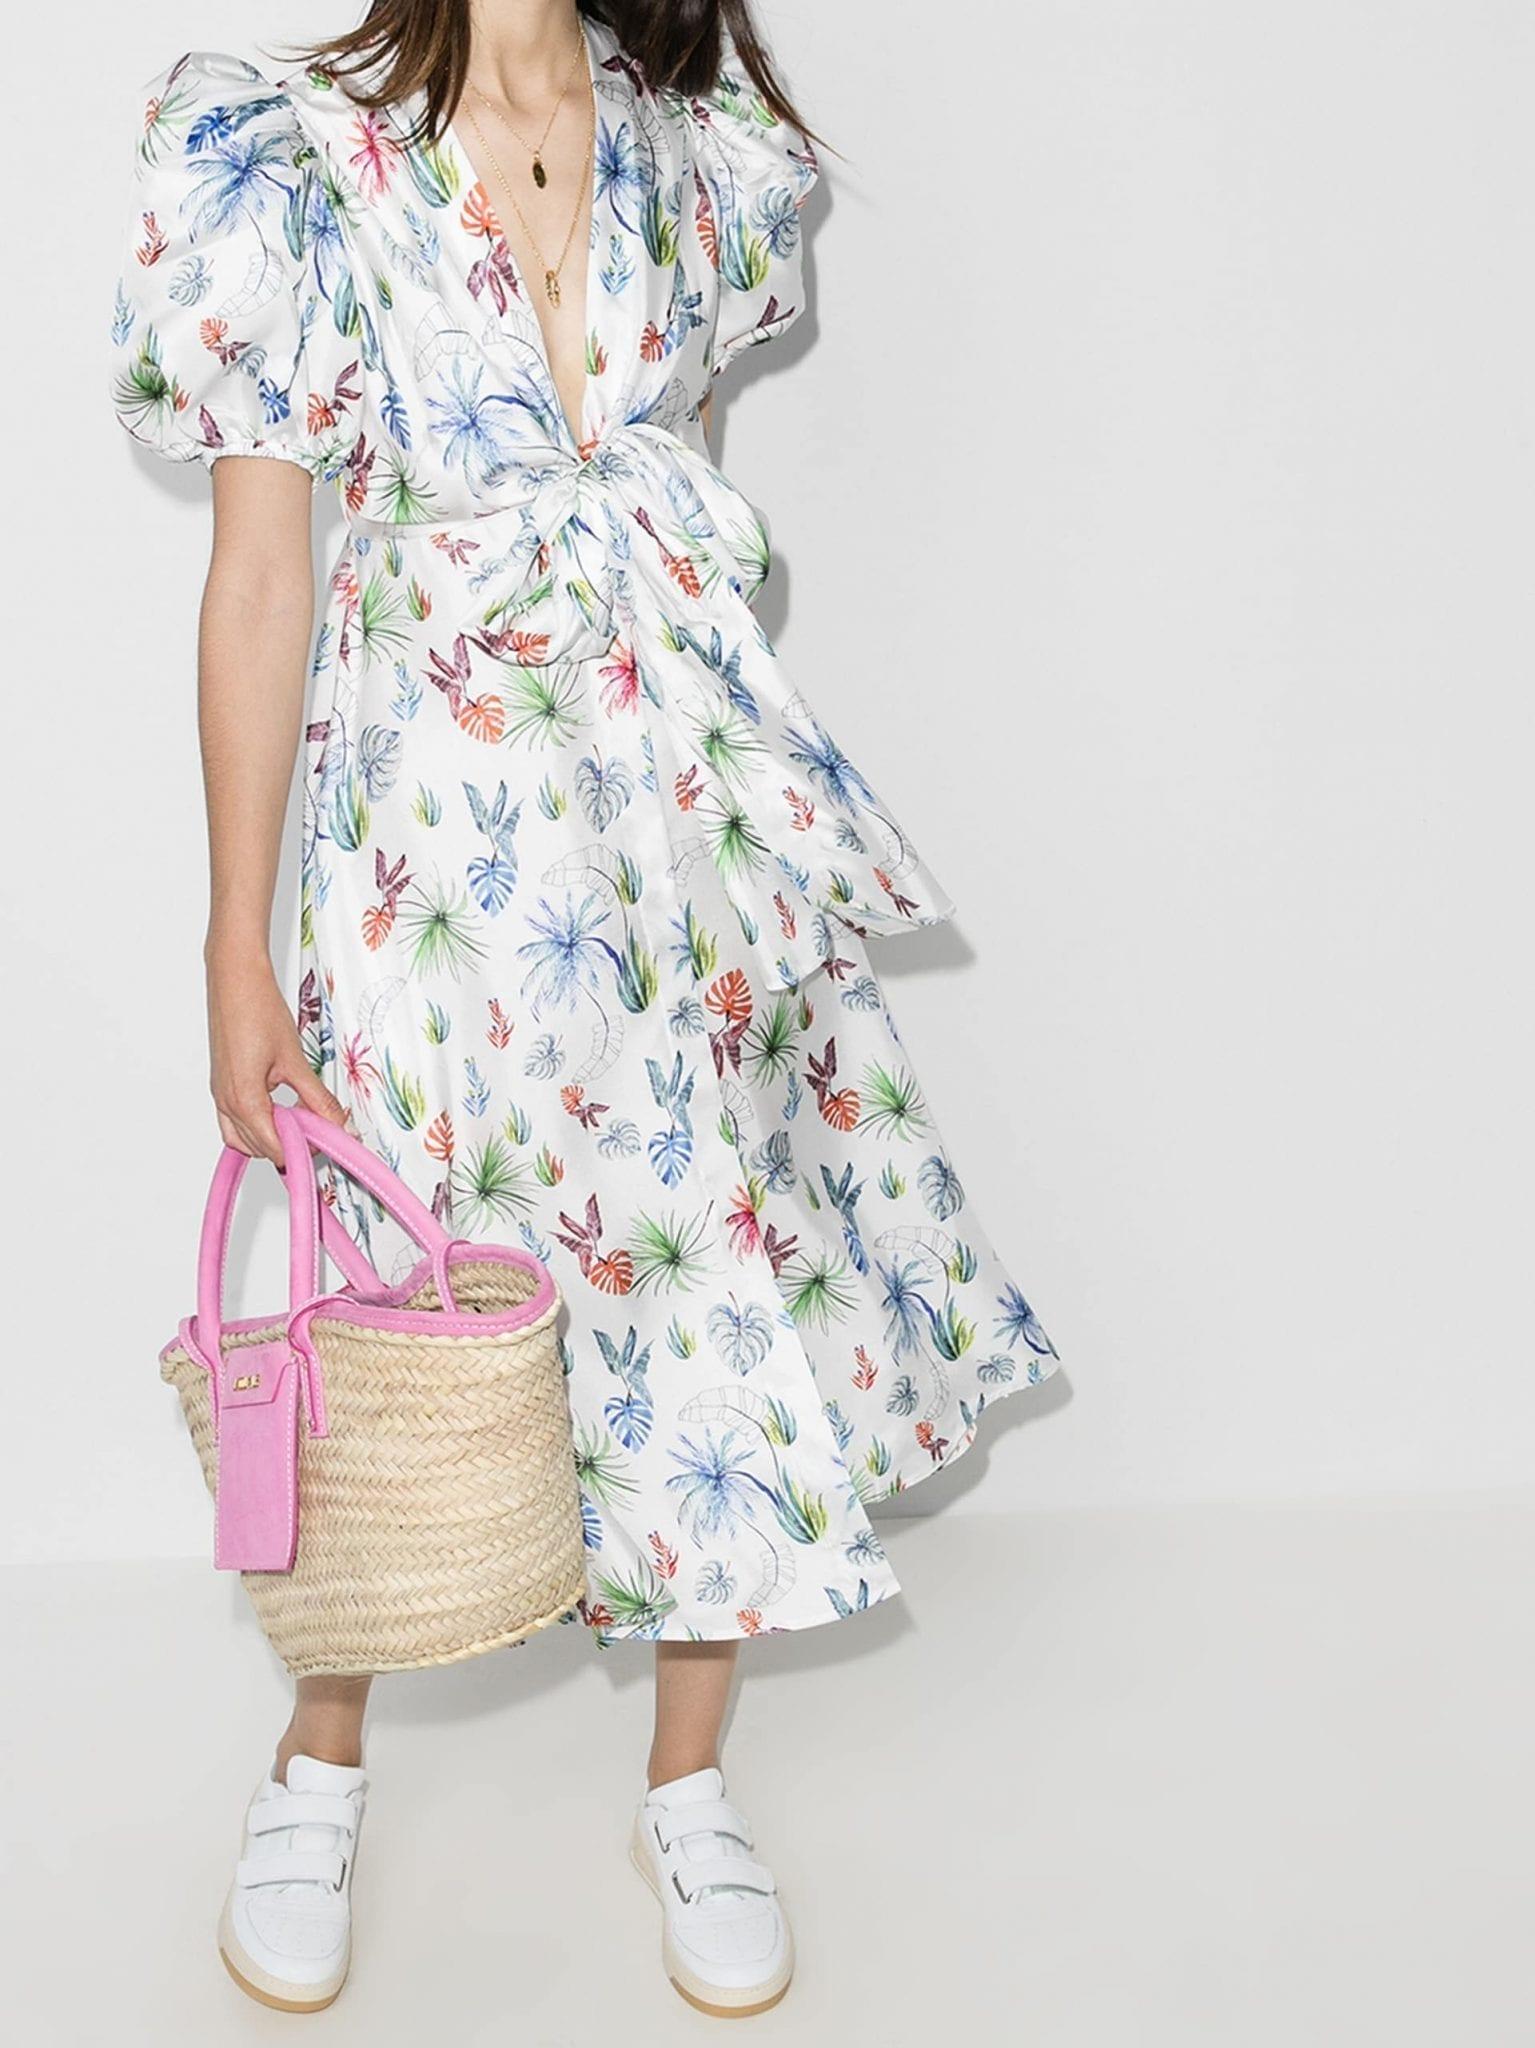 SILVIA TCHERASSI Leaf Print Puff Sleeve Silk Dress